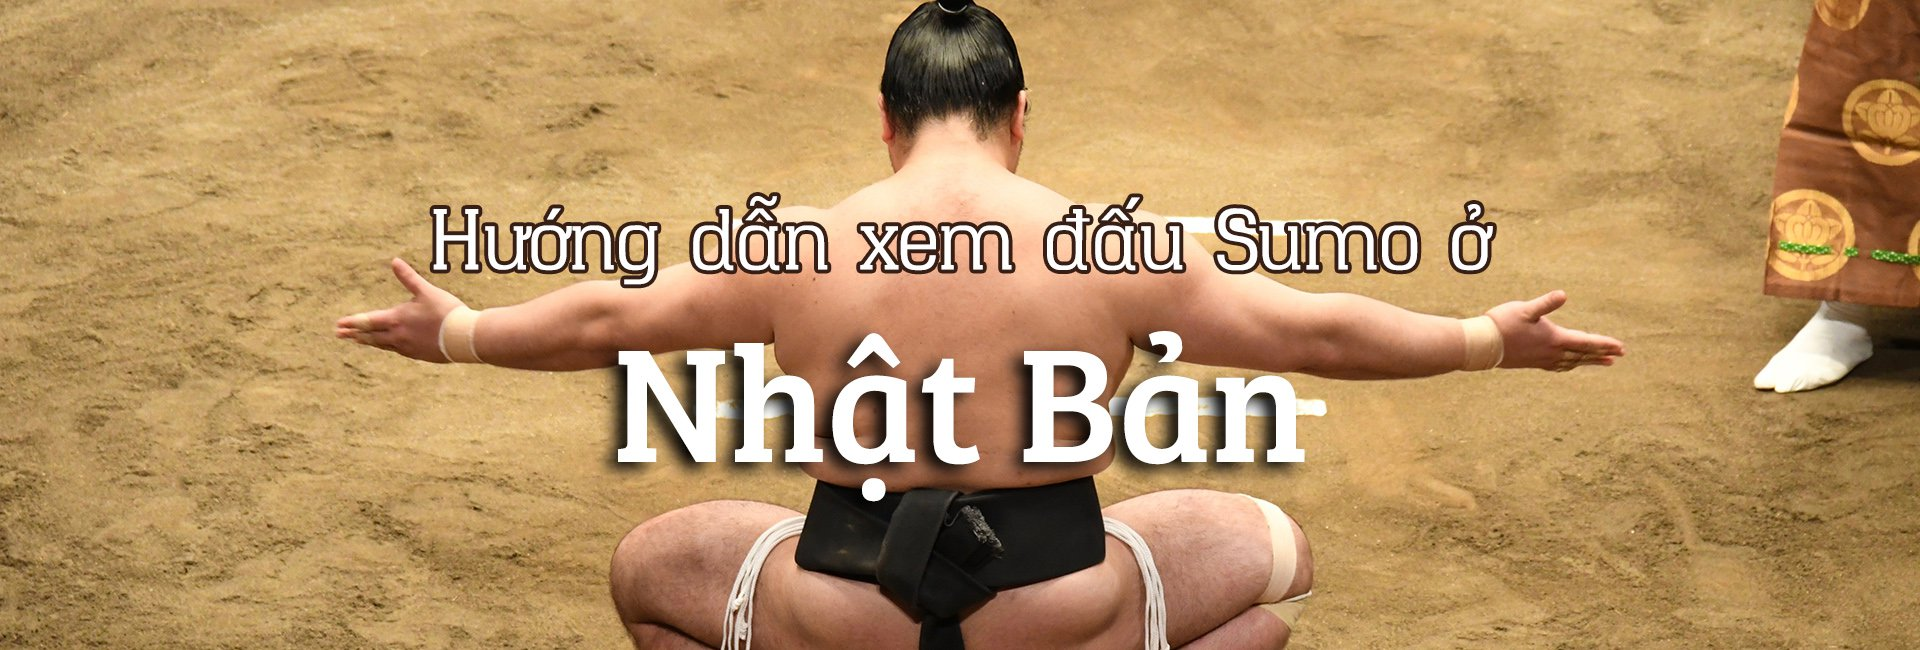 Đấu Sumo Nhật Bản: xem ở đâu và xem khi nào?